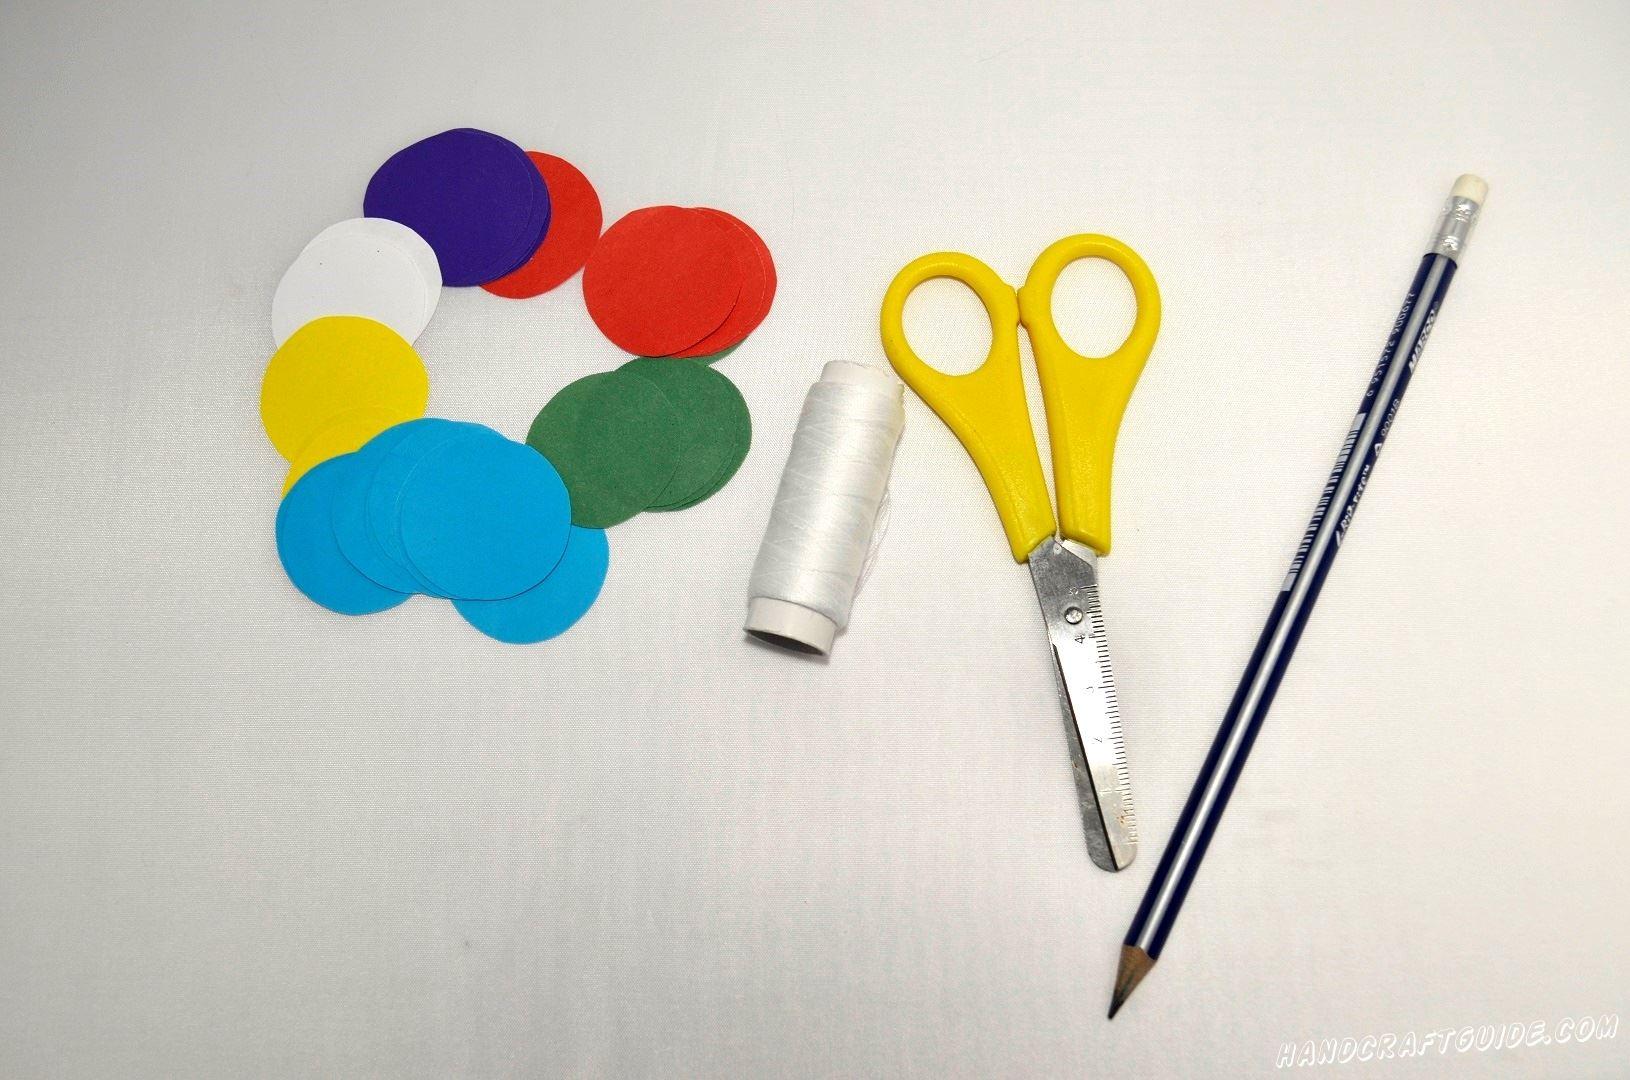 Для начала мы нарезаем множество кружочков из цветной бумаги, одинакового размера. Старайтесь сделать так, чтоб количество кружков одного цвета было парным.